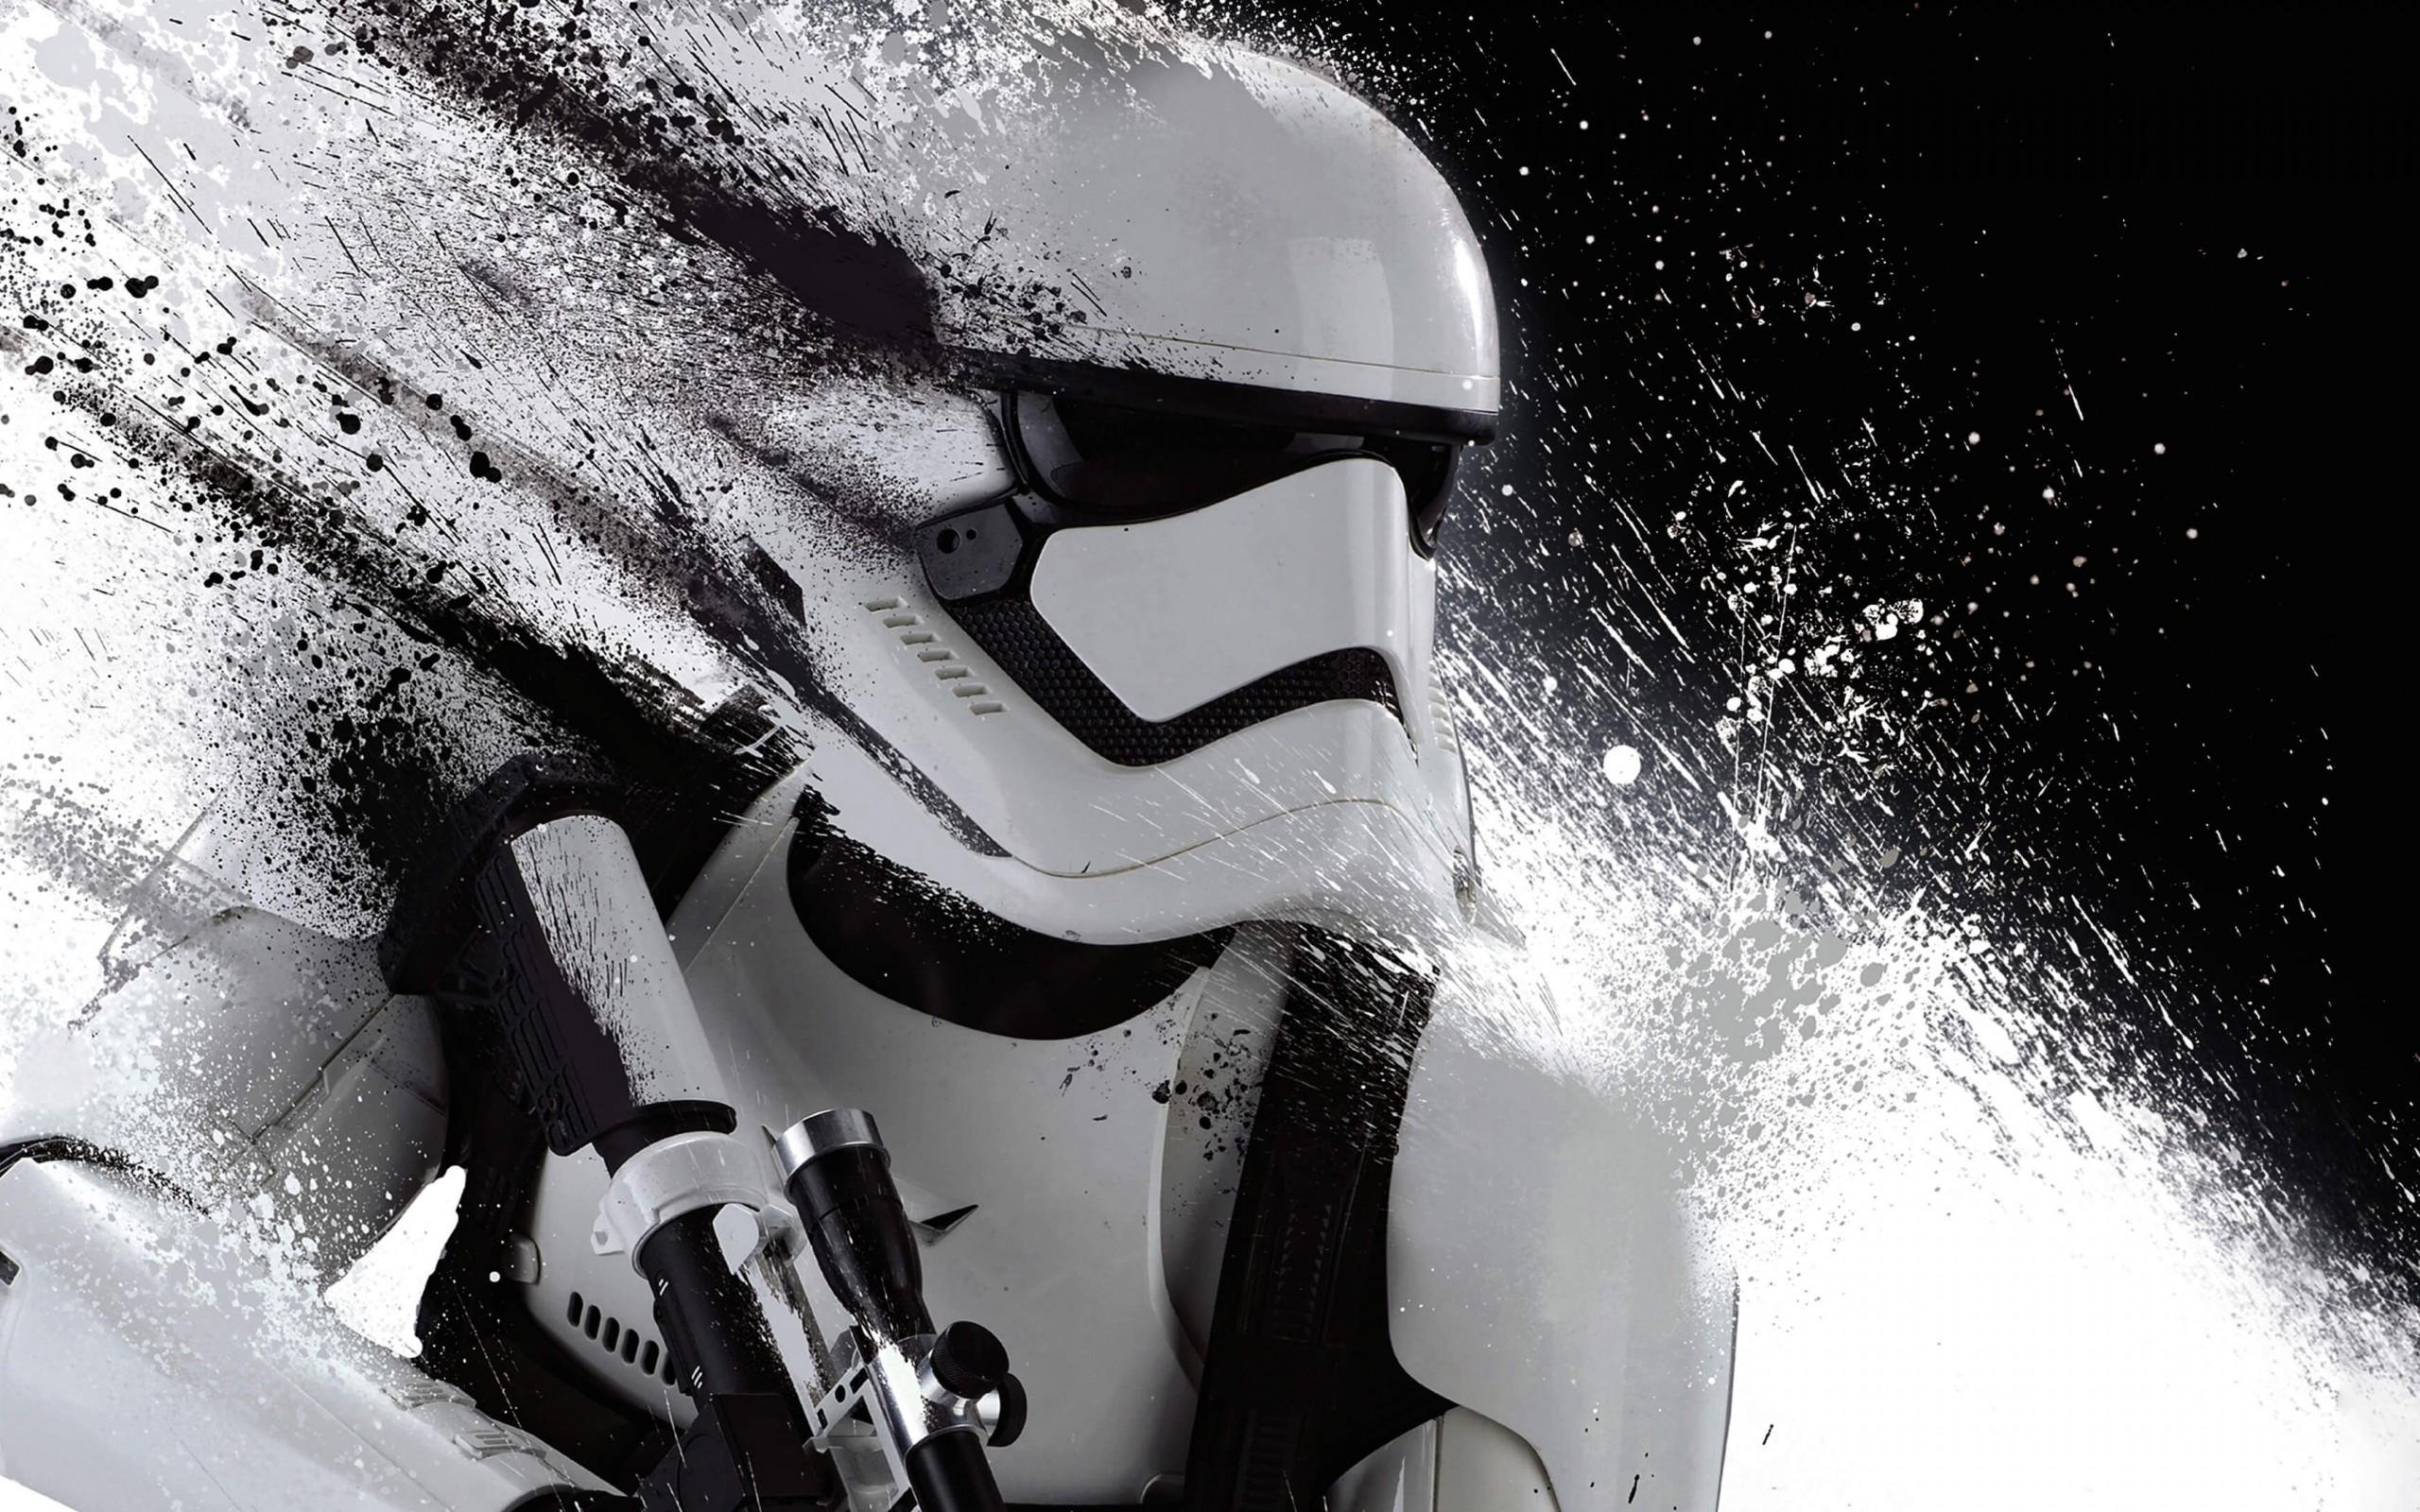 Stormtrooper Splatter HD wallpaper for 2560 x 1600   HDwallpapersnet 2560x1600